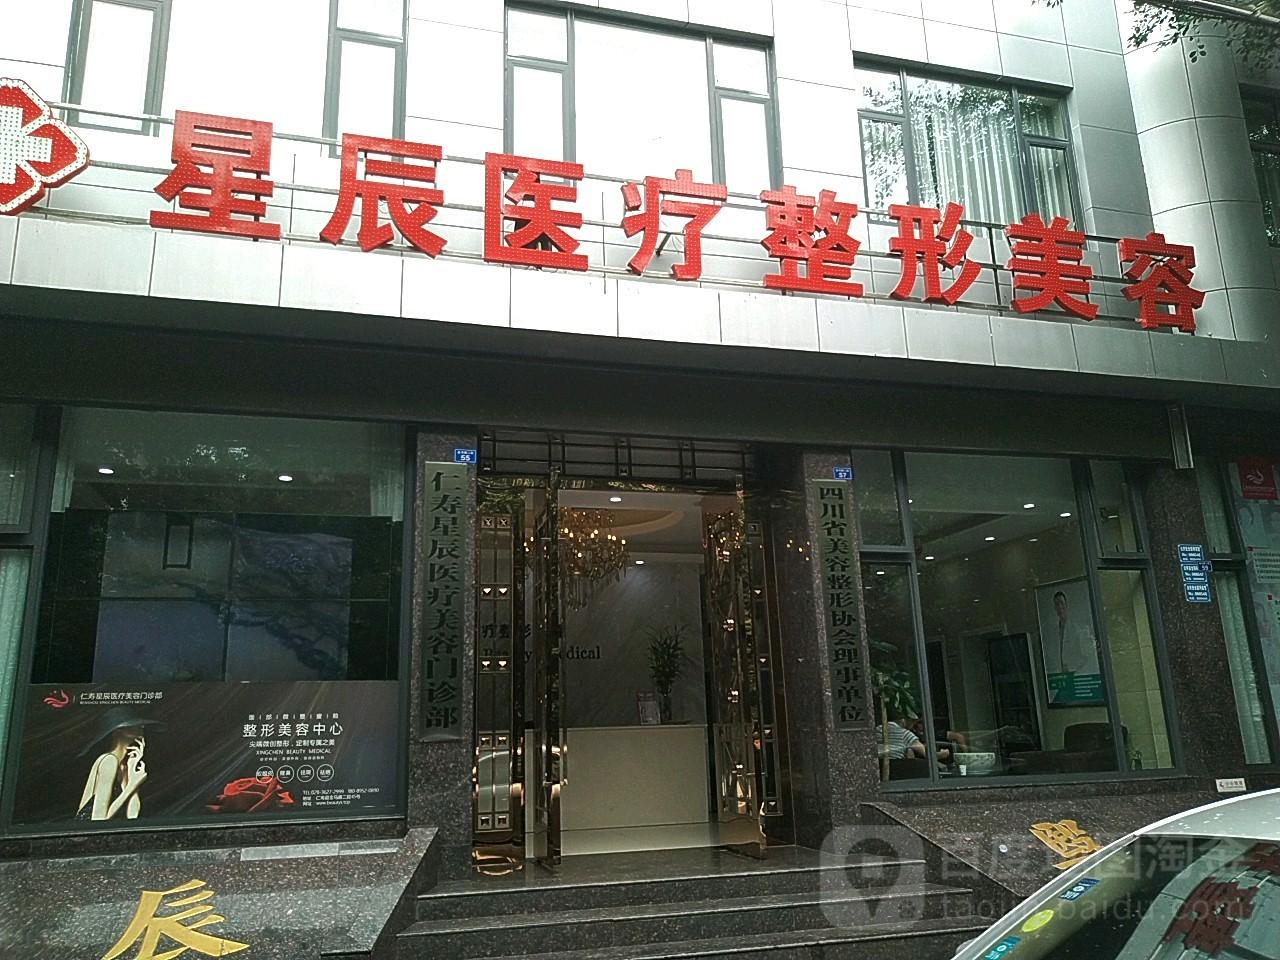 四川省眉山市仁寿县金丝袜二段45号情趣马路沈阳图片